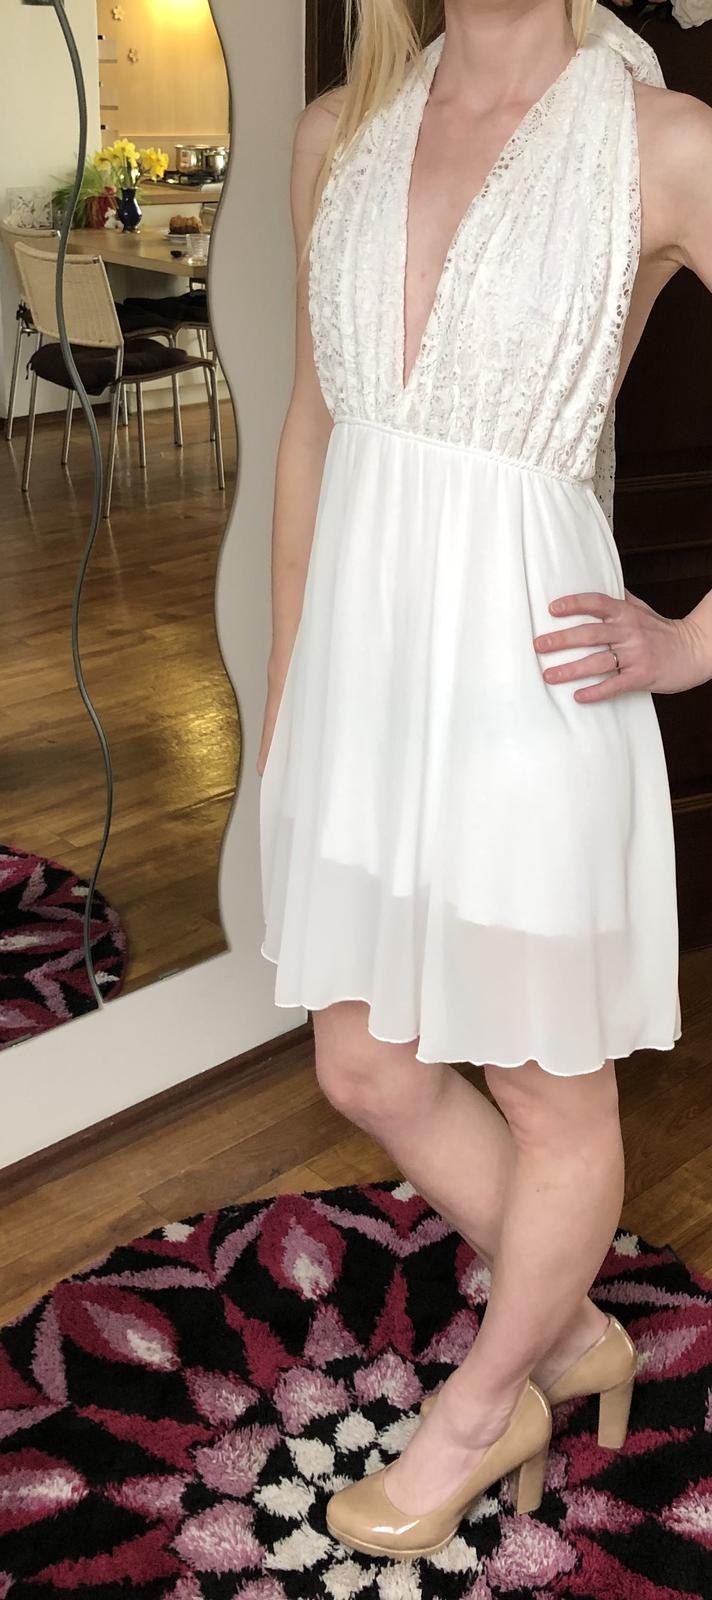 Bílé lehké šaty s kraťásky pod sukní - Obrázek č. 1